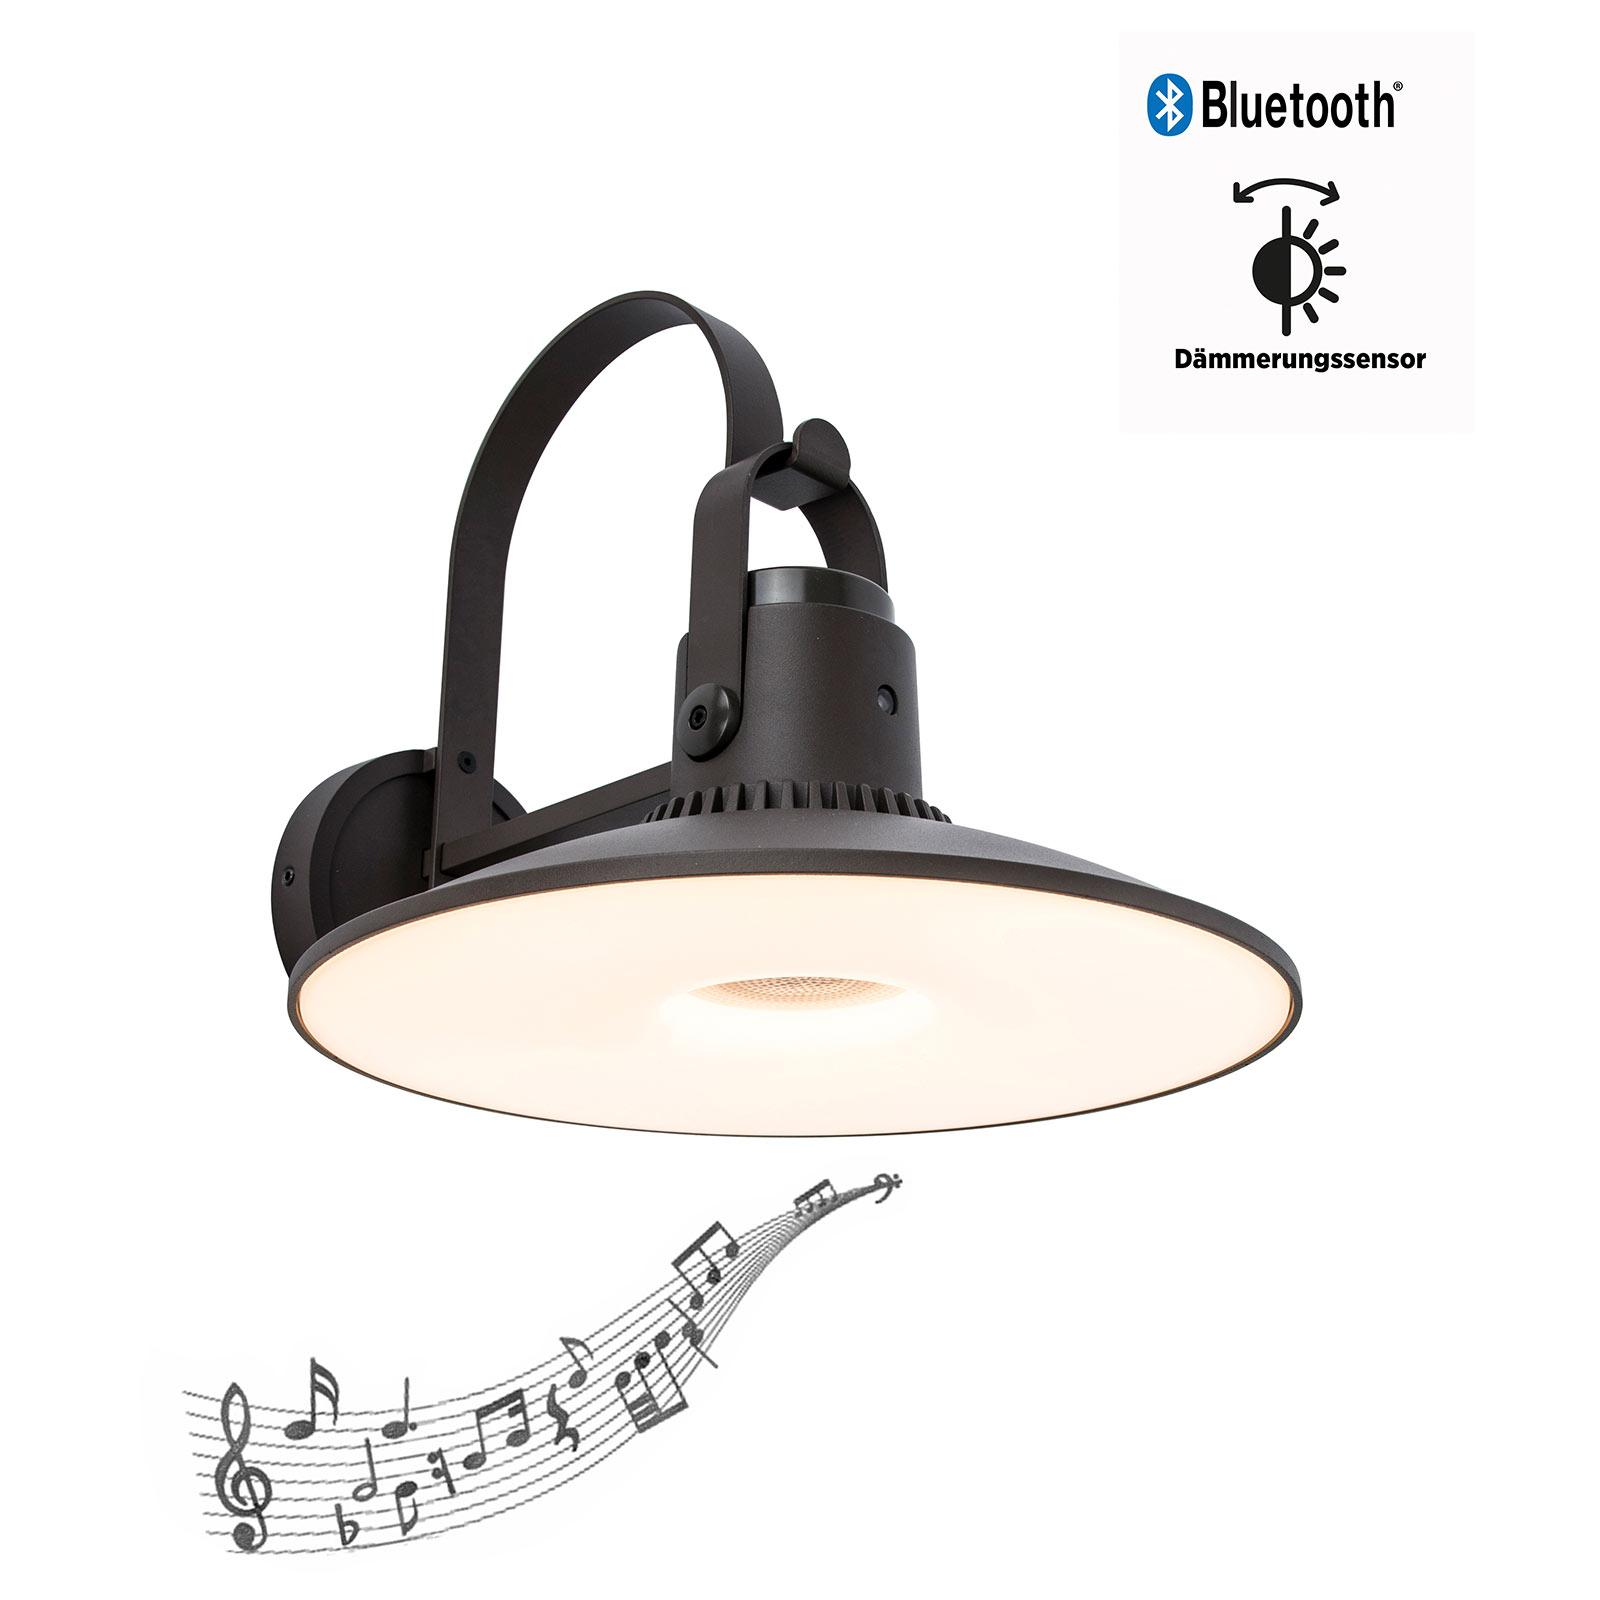 LED-Außenwandleuchte Darli mit 3W Lautsprecher